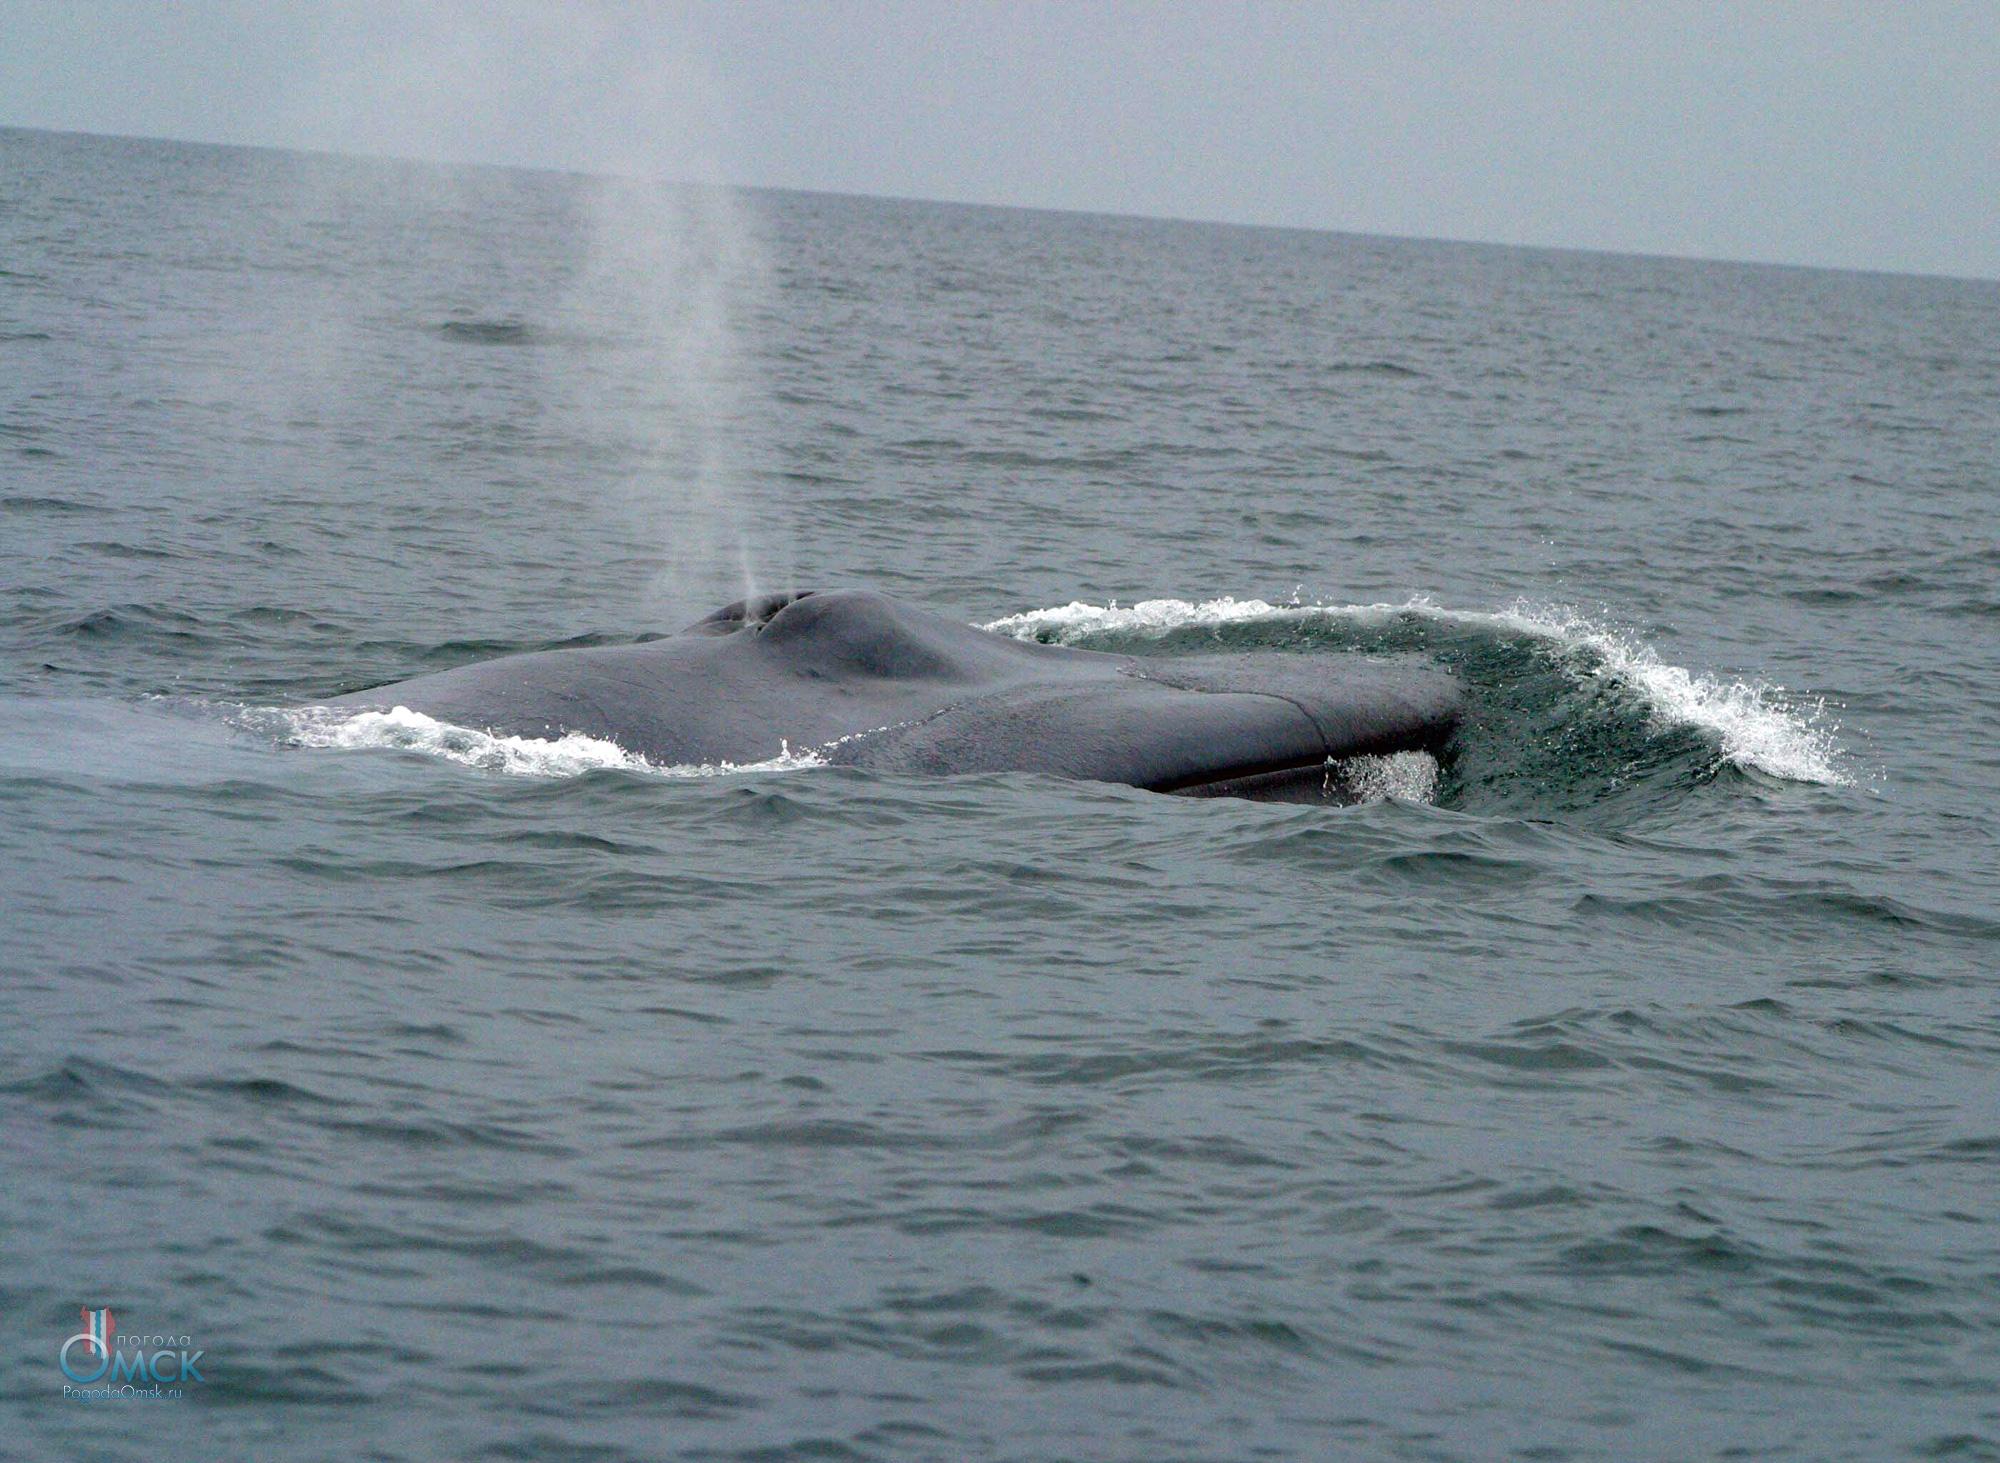 Синий кит выдыхает фонтан пара и брызг